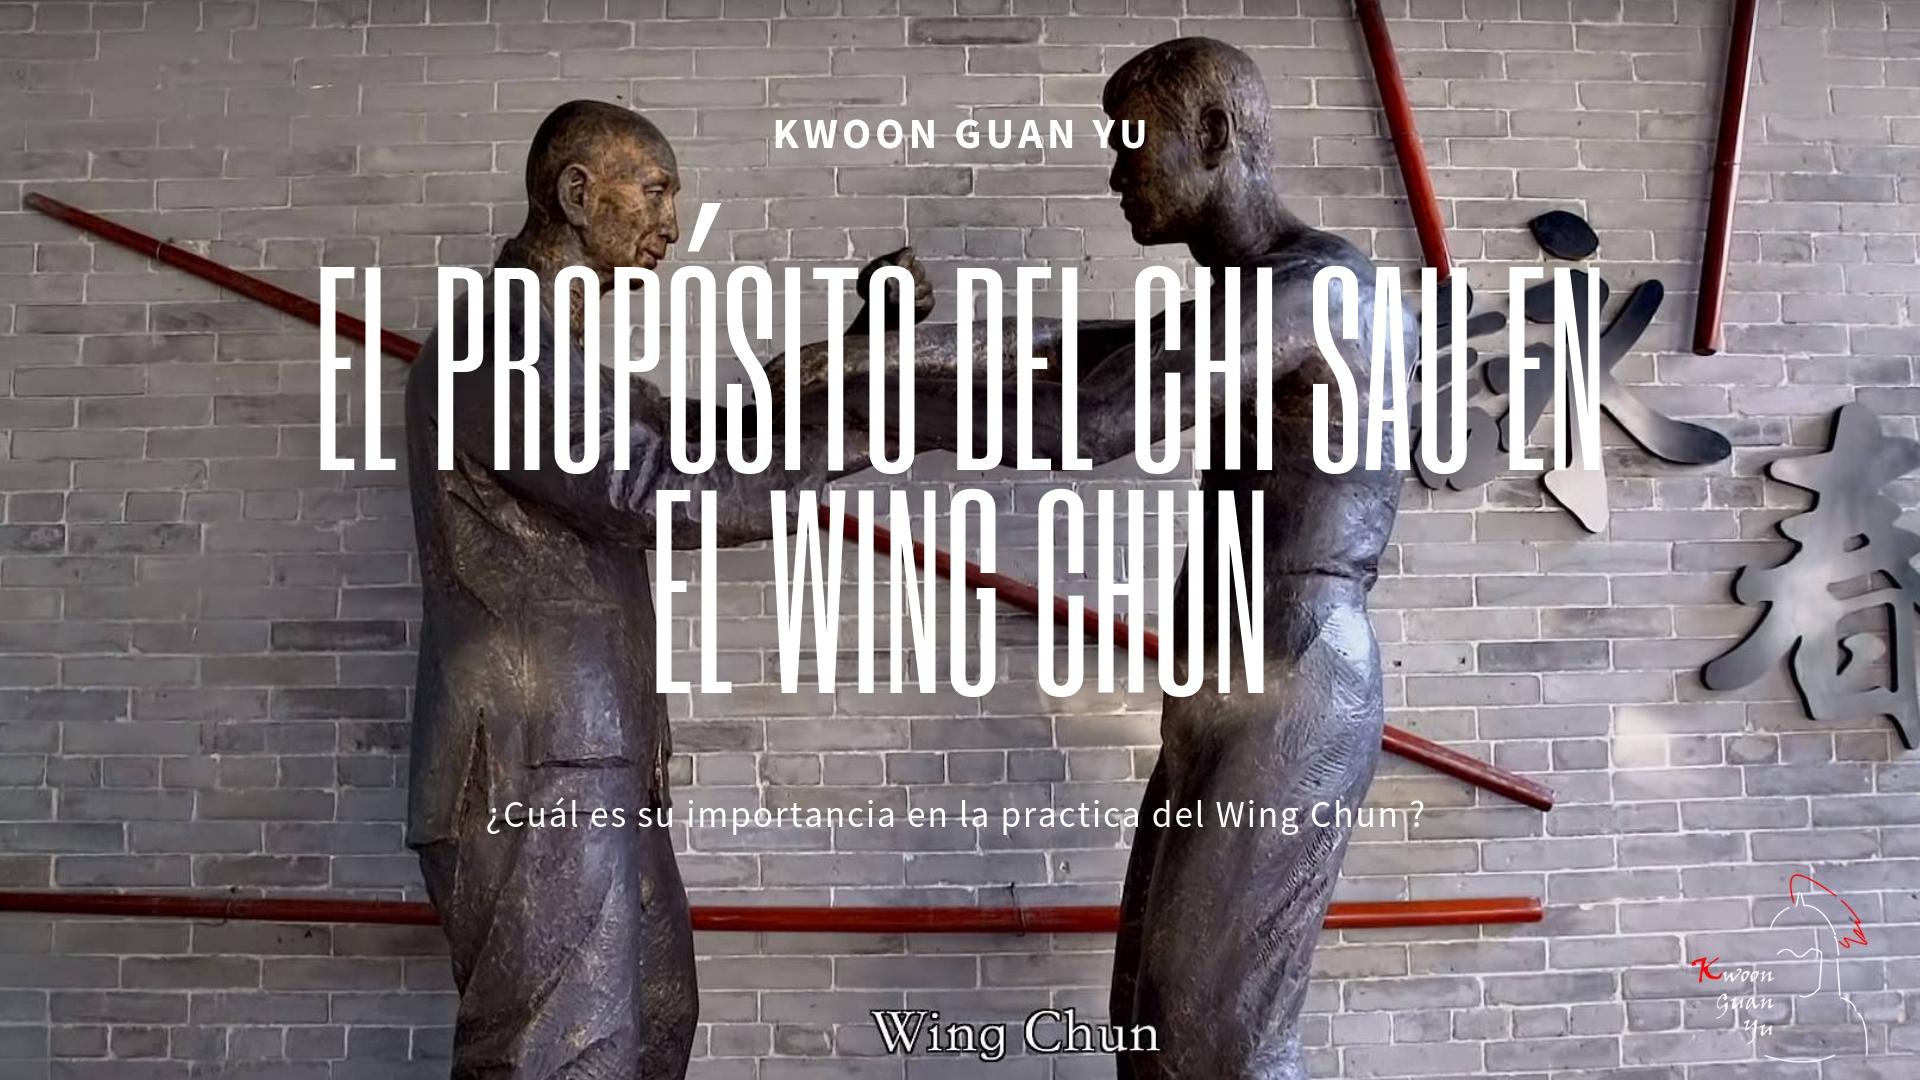 El Propósito del Chi Sau en el Wing Chun